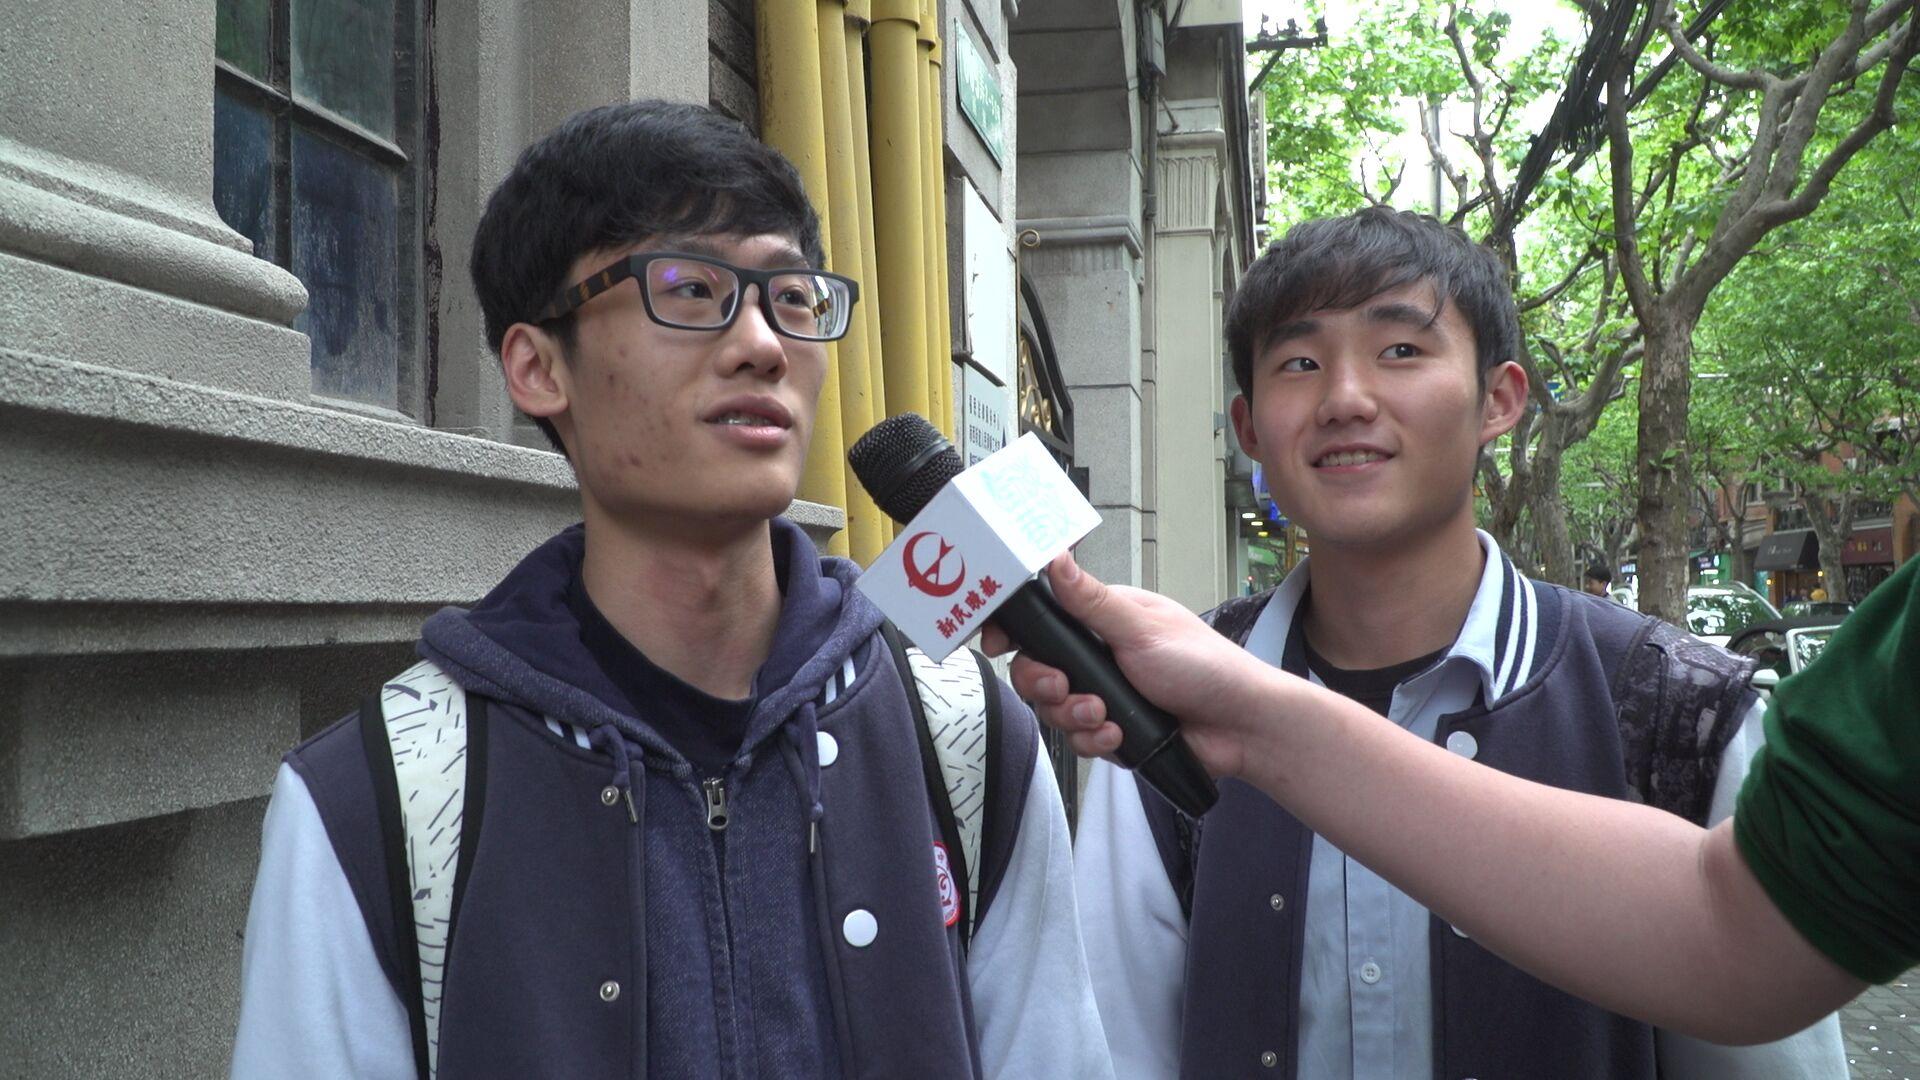 【街谈巷议】学生春游啥时候最合适?市民:周五最宜